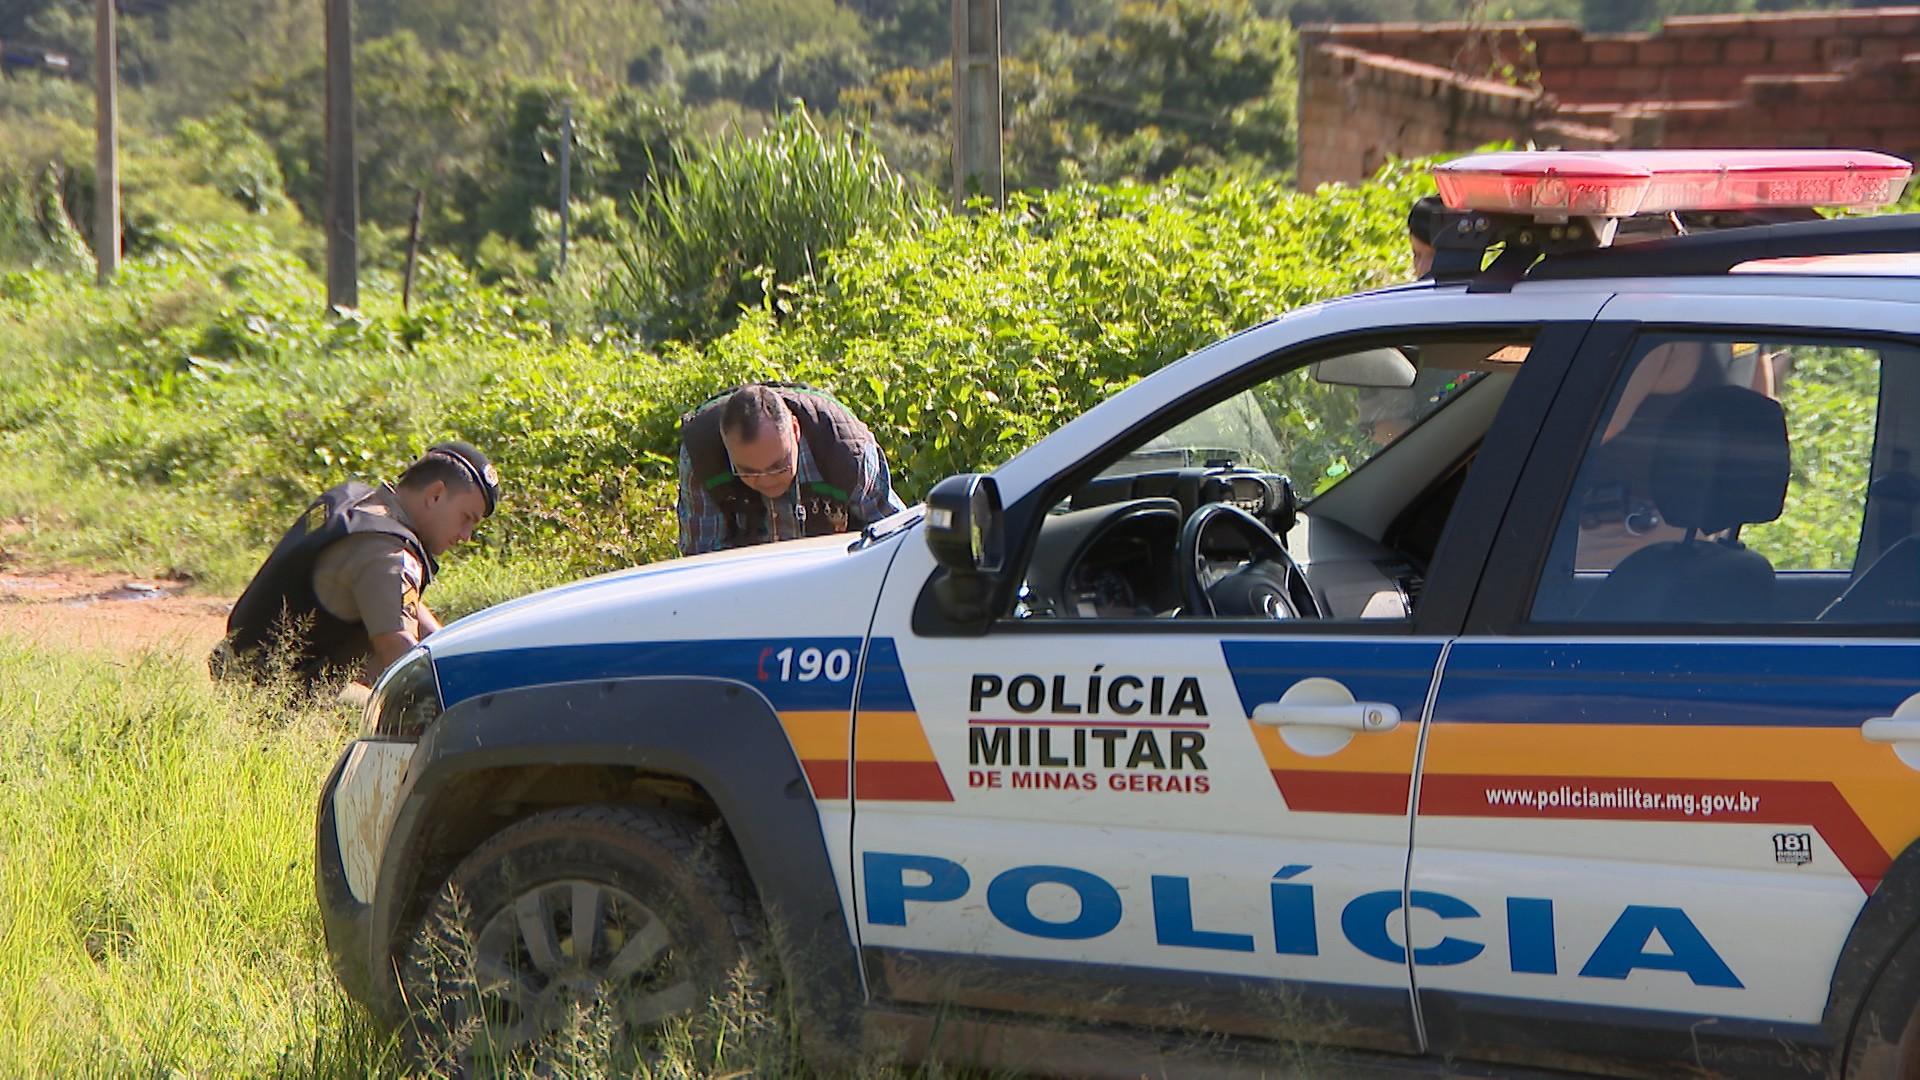 Uberlândia registra queda de 61% no número de homicídios em 2020; veja balanço sobre criminalidade